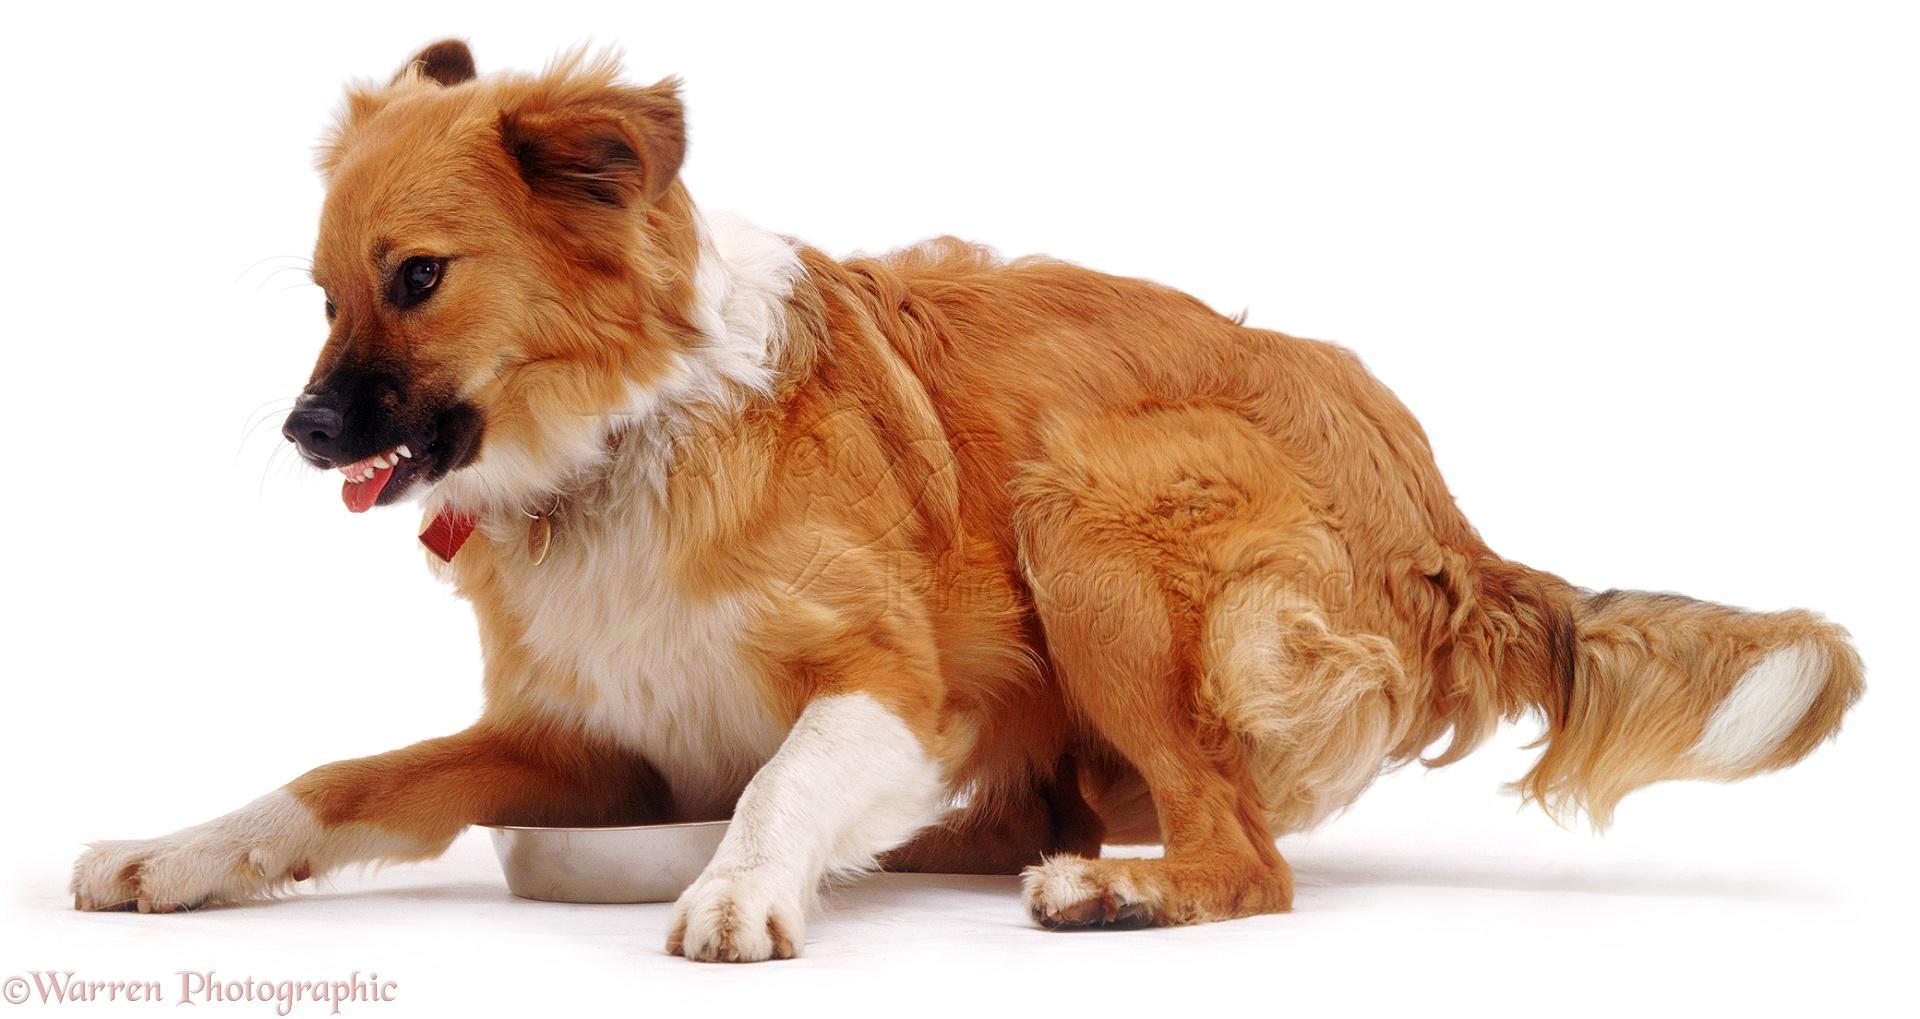 Dog With Dog Food